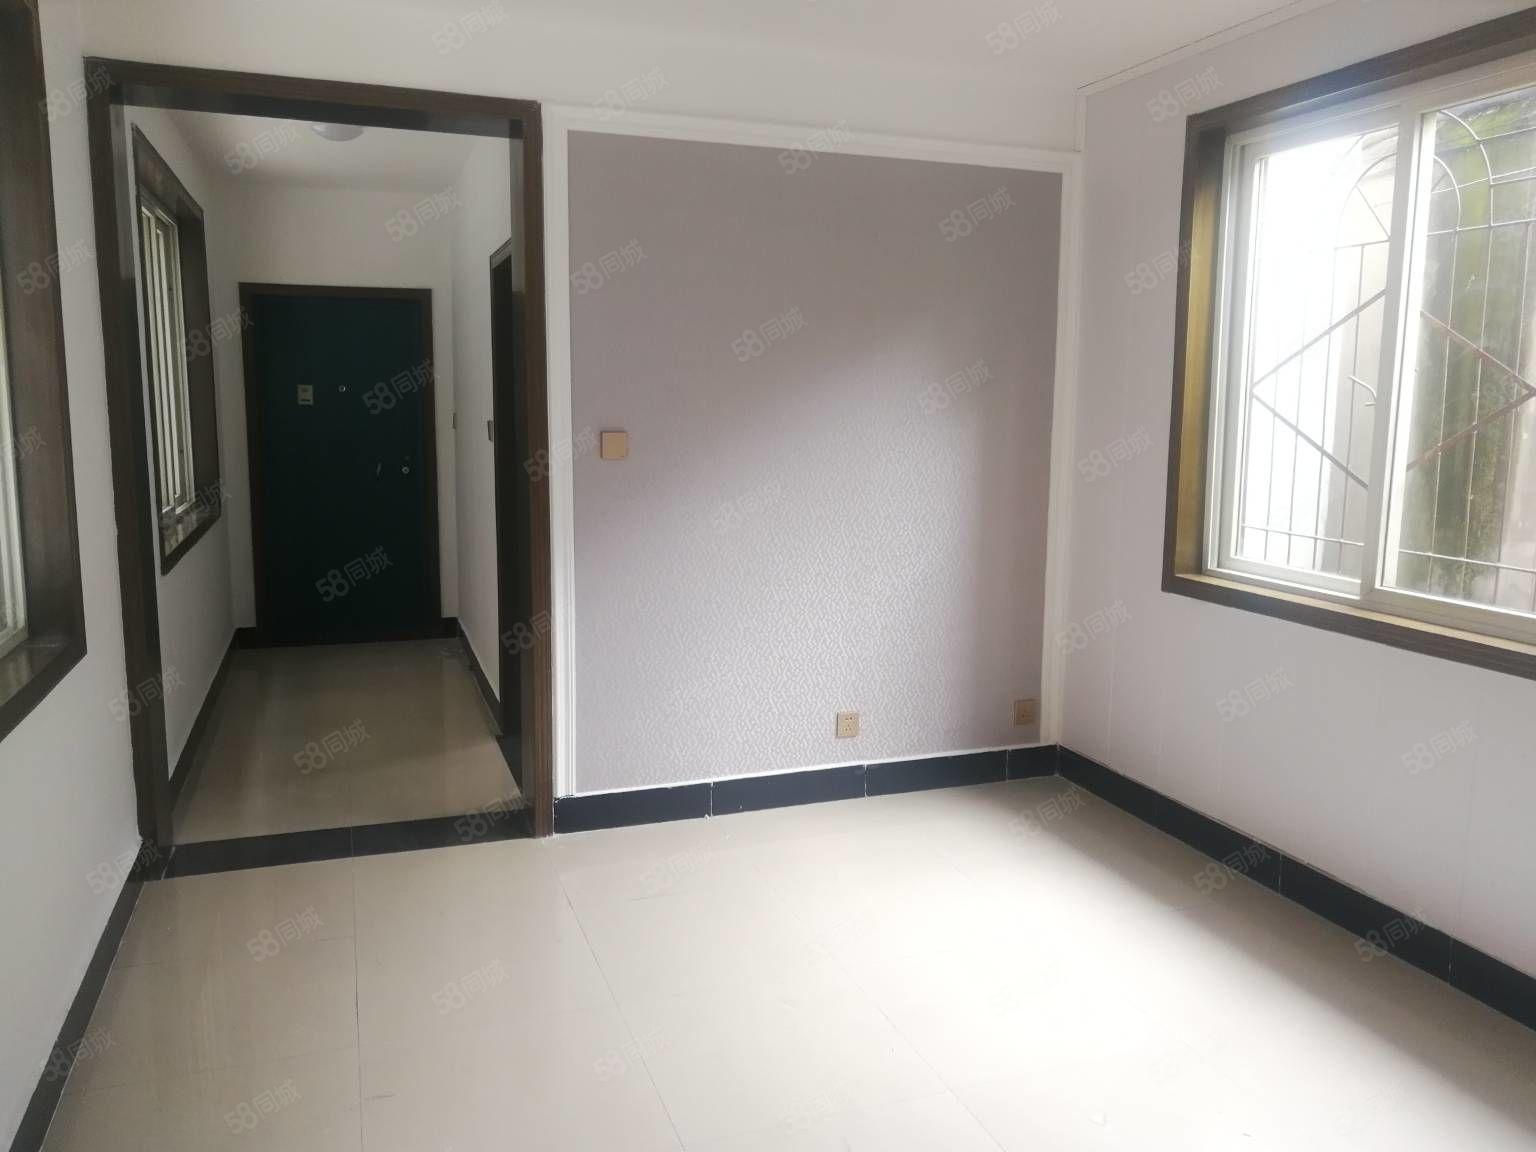 天鹅湖国家电网旁一室一厅二楼新装修已通天然气采光良好